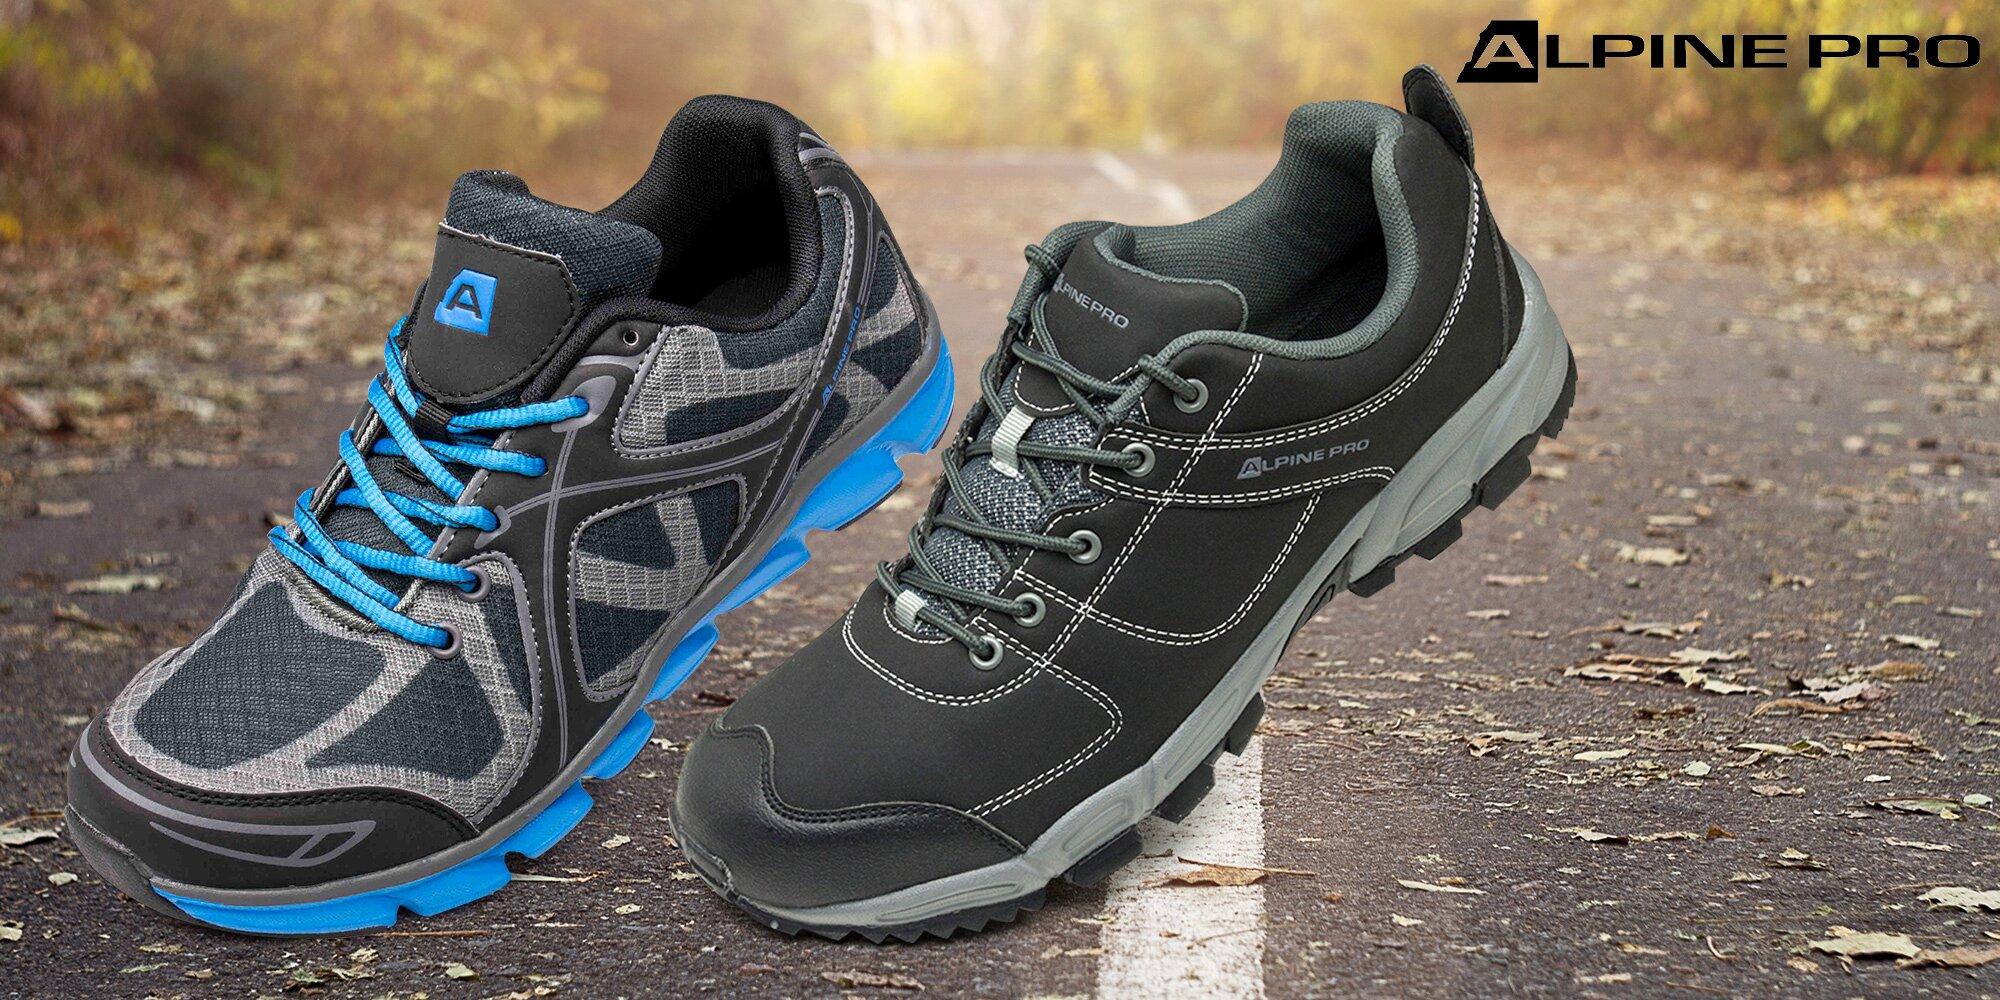 abaed28a54d Treková i sportovní pánská obuv Alpine Pro